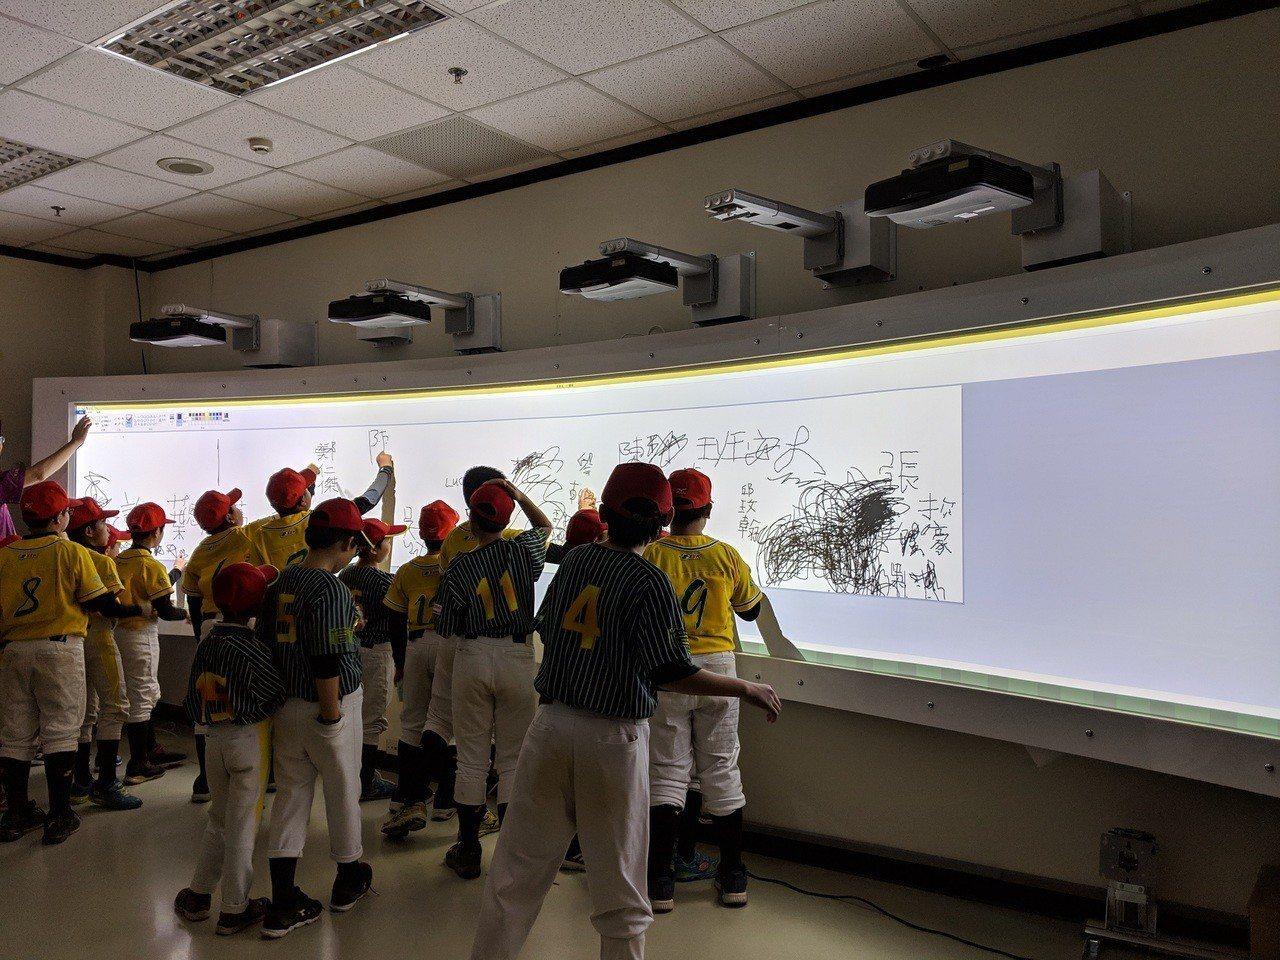 秀林國小棒球隊多位球員同時於沉浸式觸控顯示系統上畫畫。圖/中光電提供